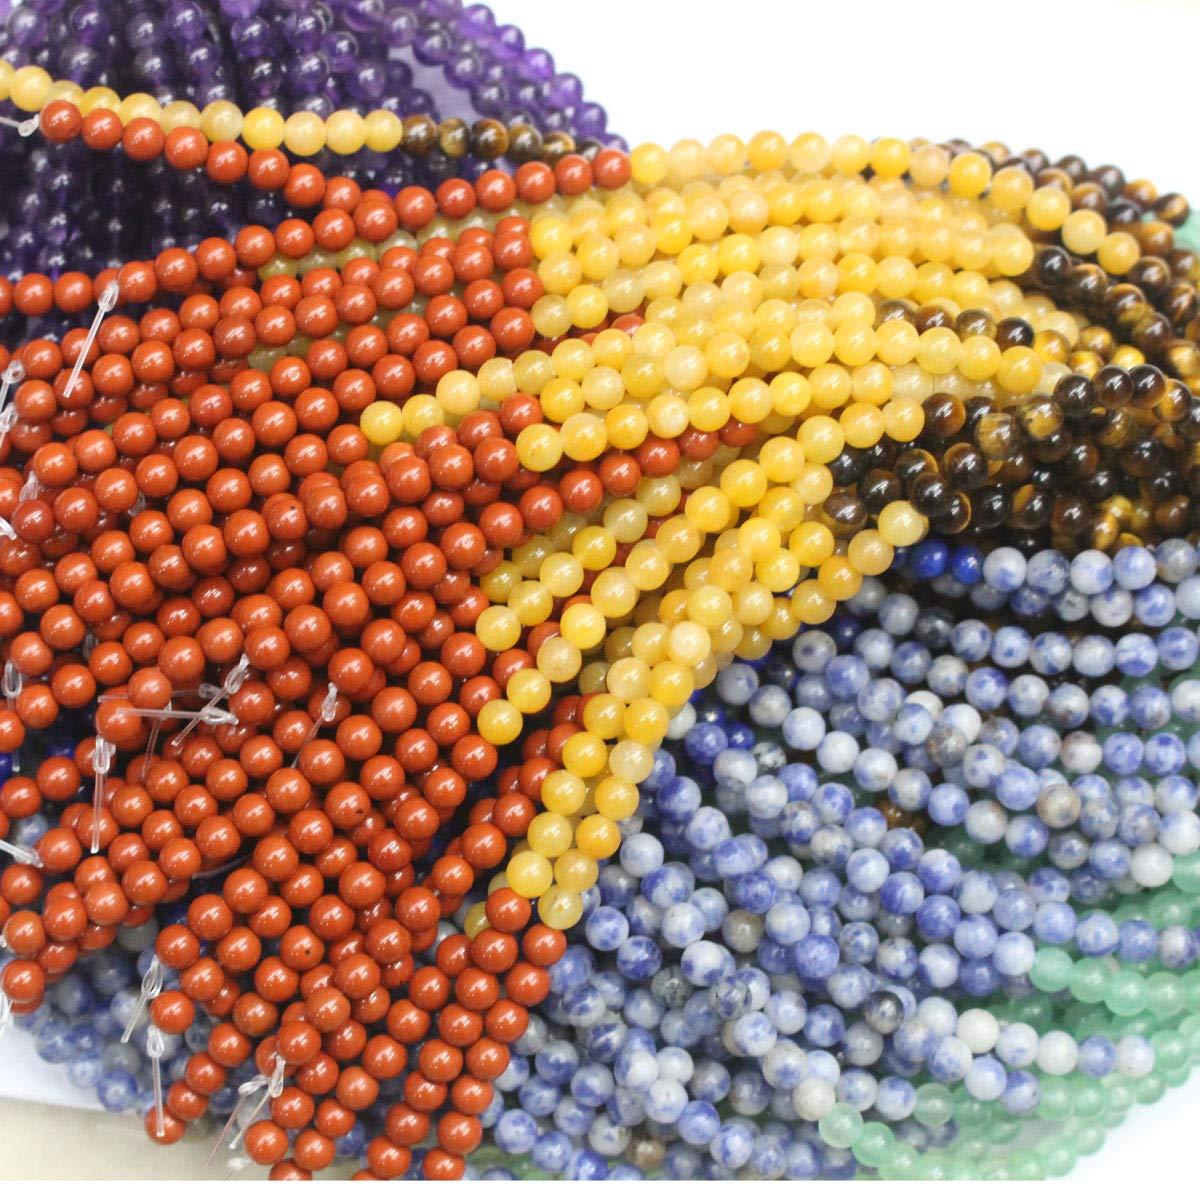 7 Gemstone Beads, 6mm Natural Gemstone Beads 6mm Lapis Lazuli Amethyst Yellow Jade Red Jasper Round Semi Precious Beads for DIY Jewerly Making Beads